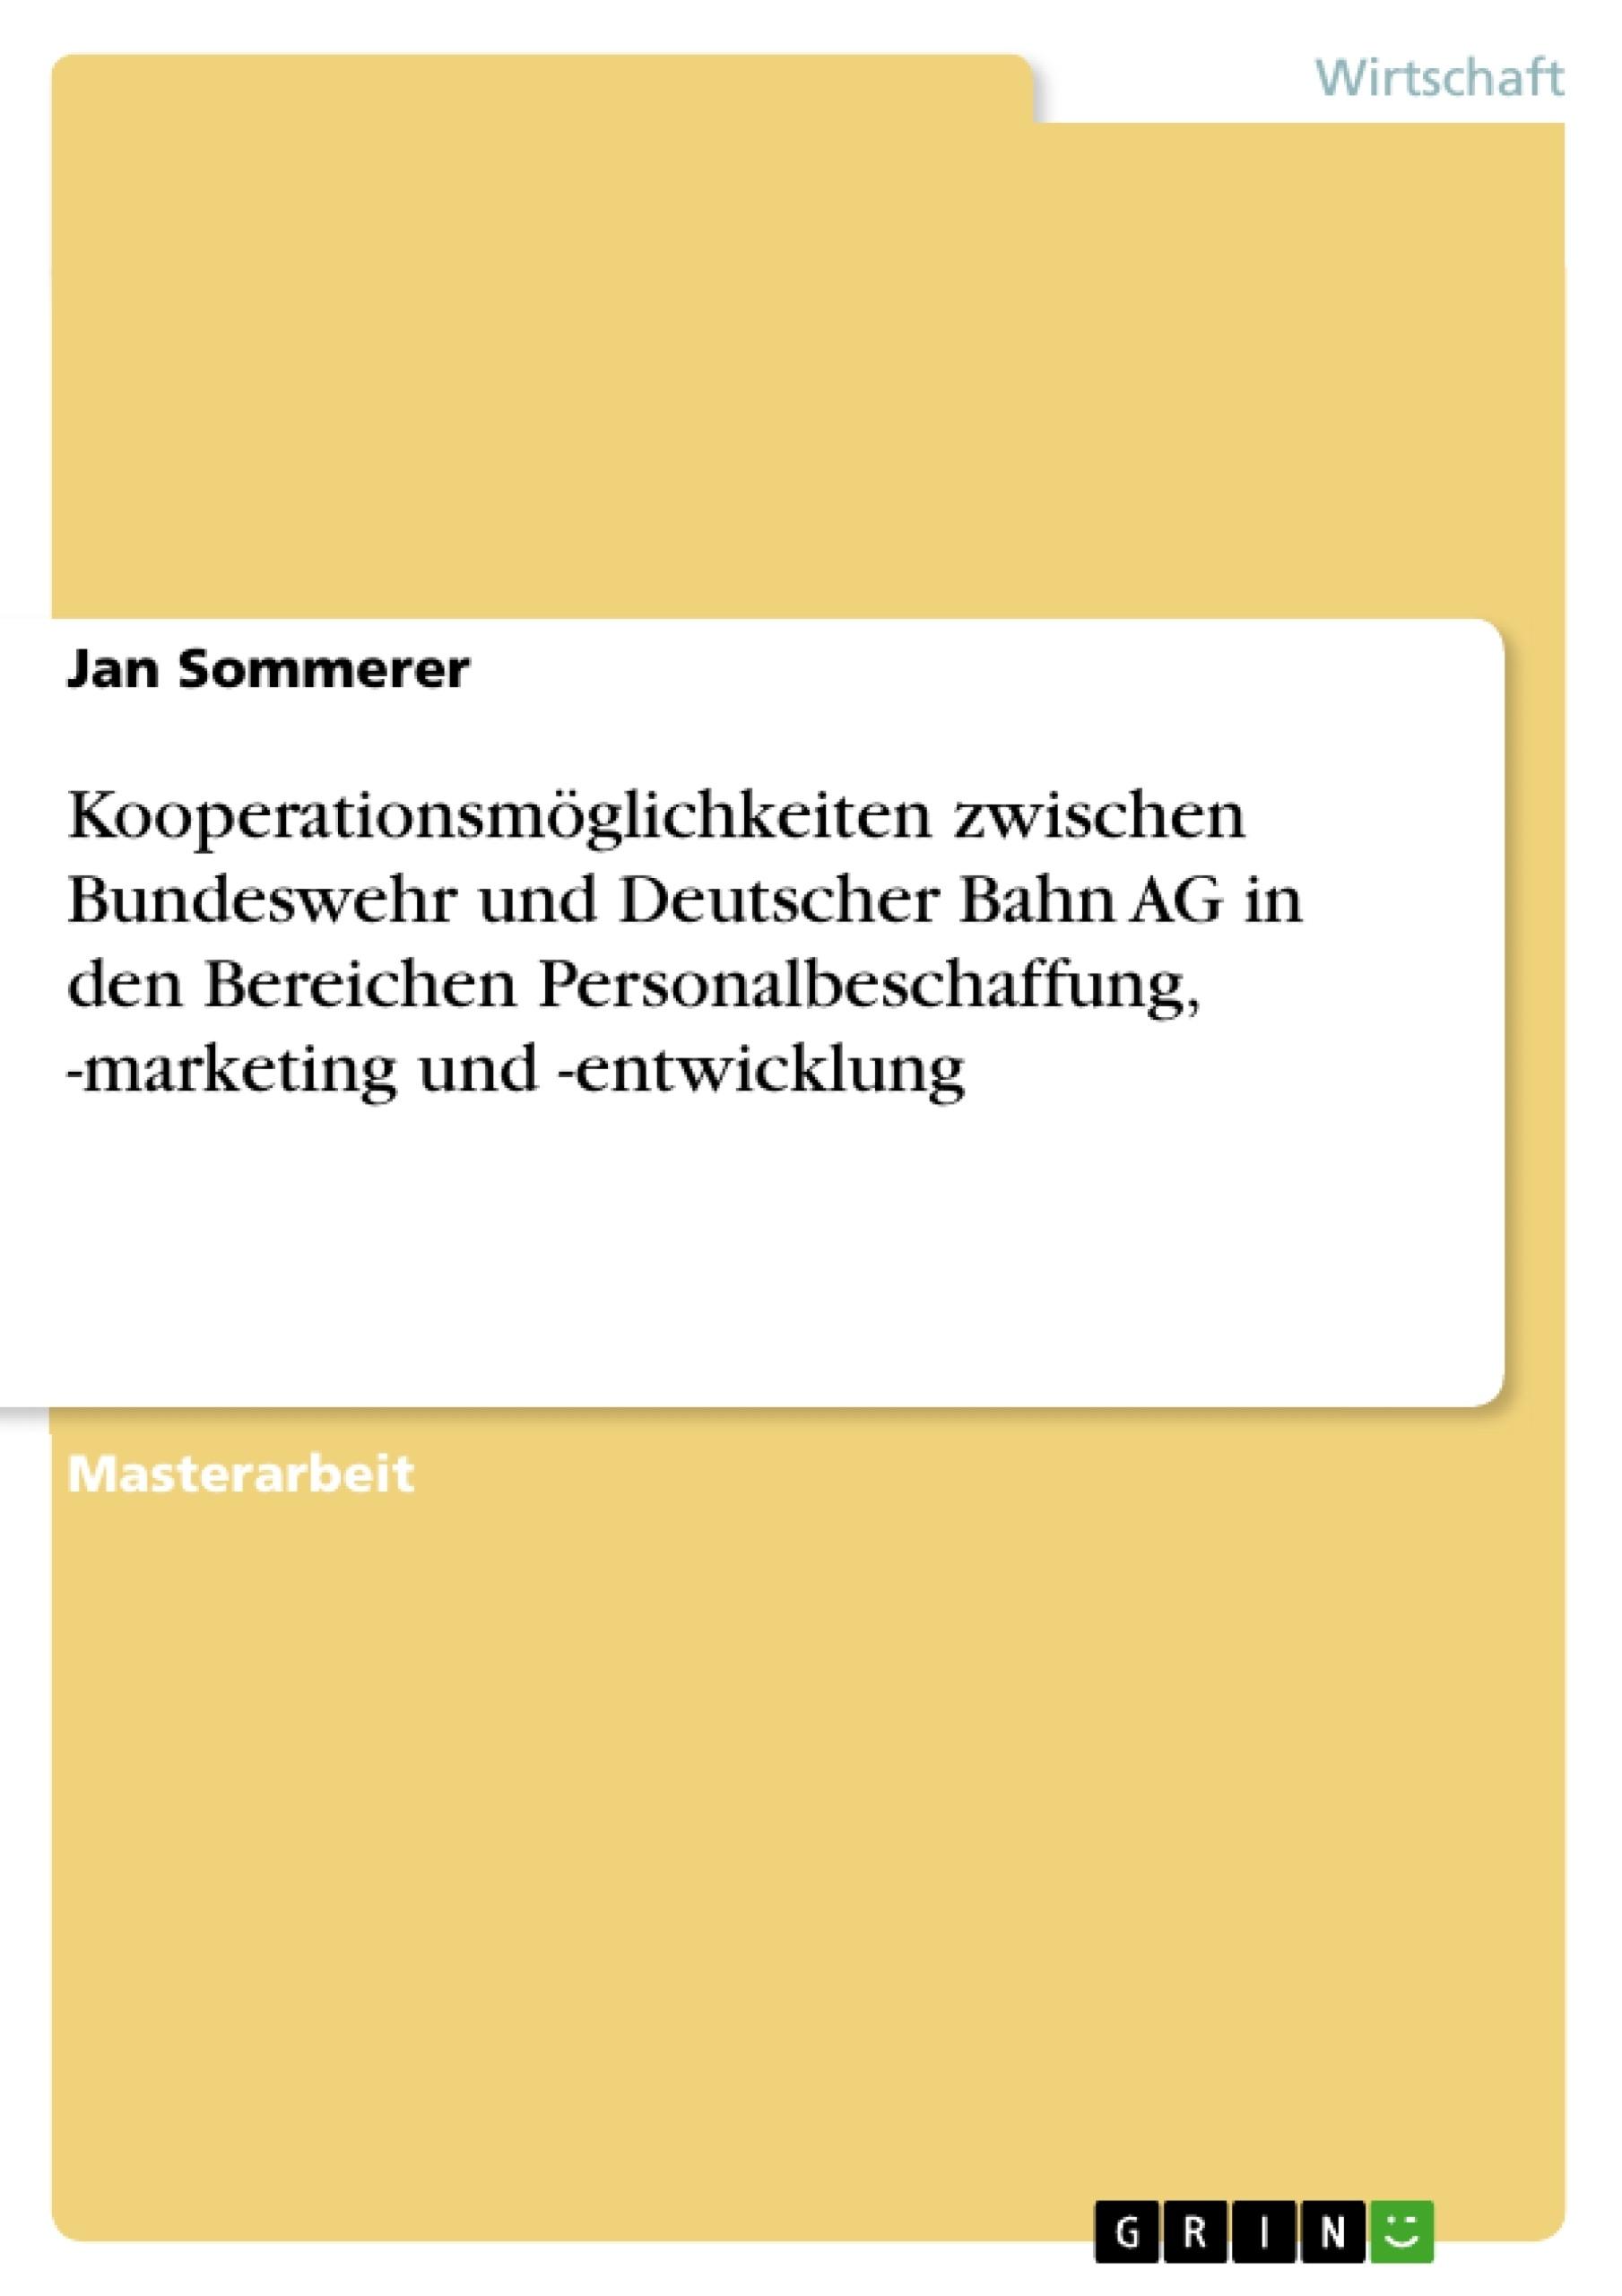 Titel: Kooperationsmöglichkeiten zwischen Bundeswehr und Deutscher Bahn AG in den Bereichen Personalbeschaffung, -marketing und -entwicklung